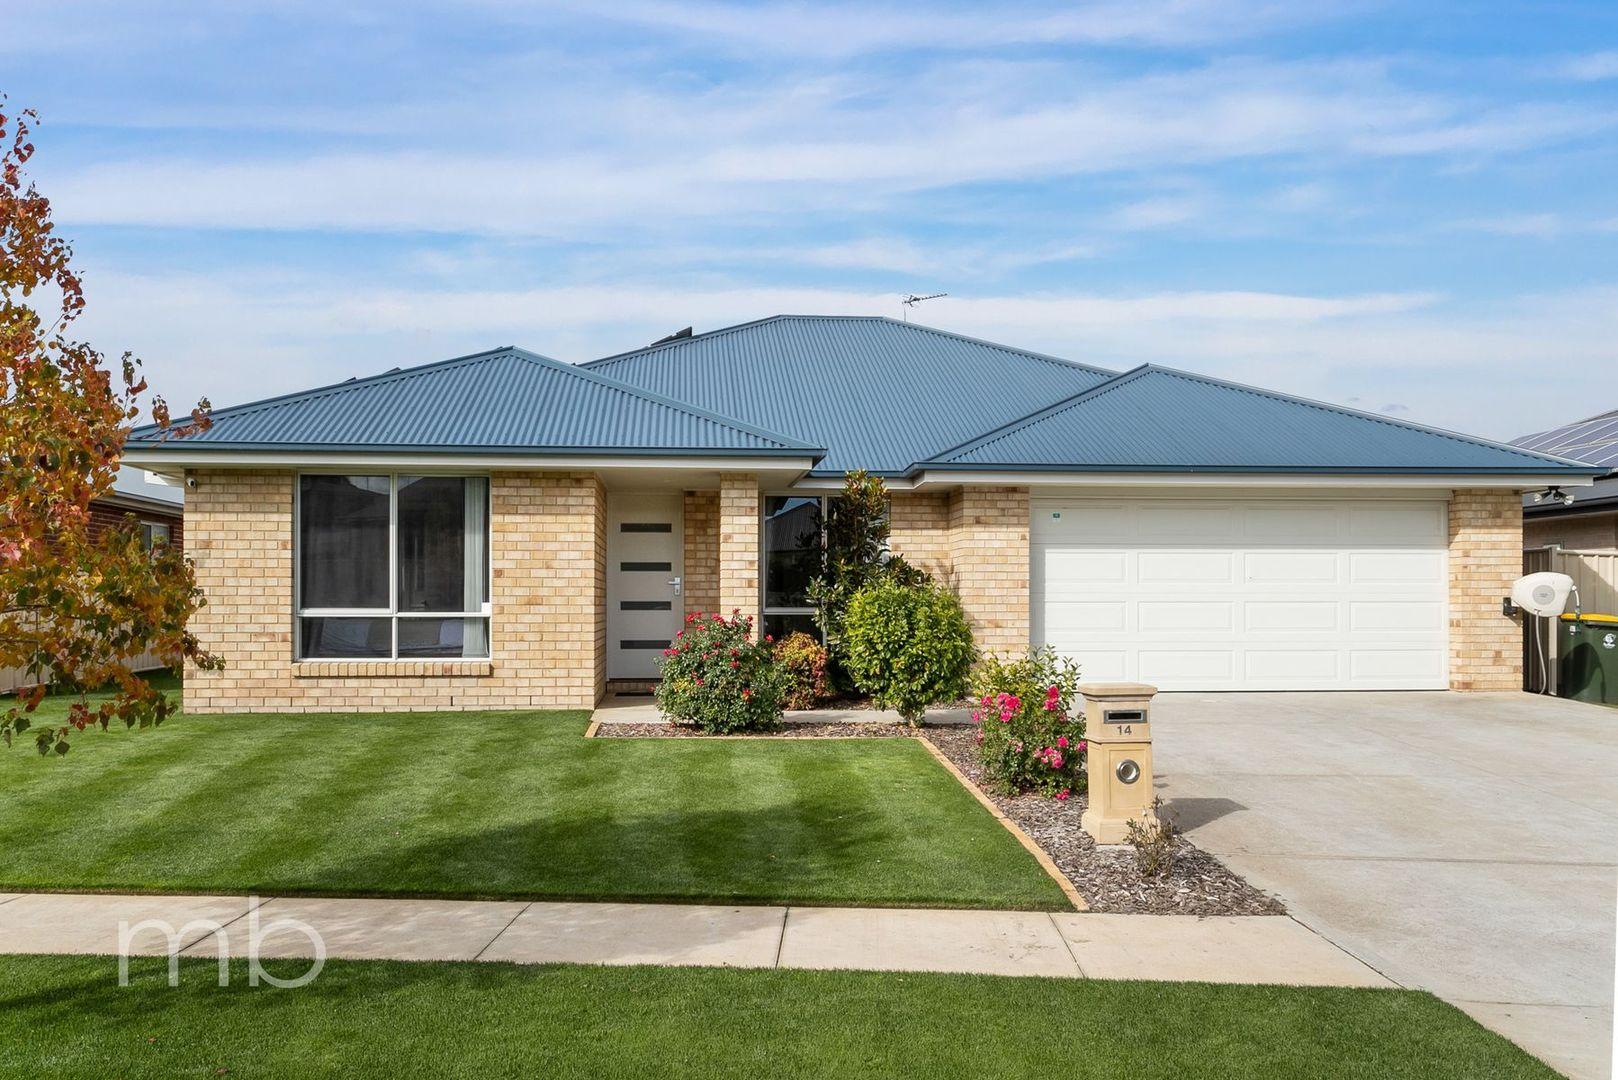 14 Clem McFawn Place, Orange NSW 2800, Image 0